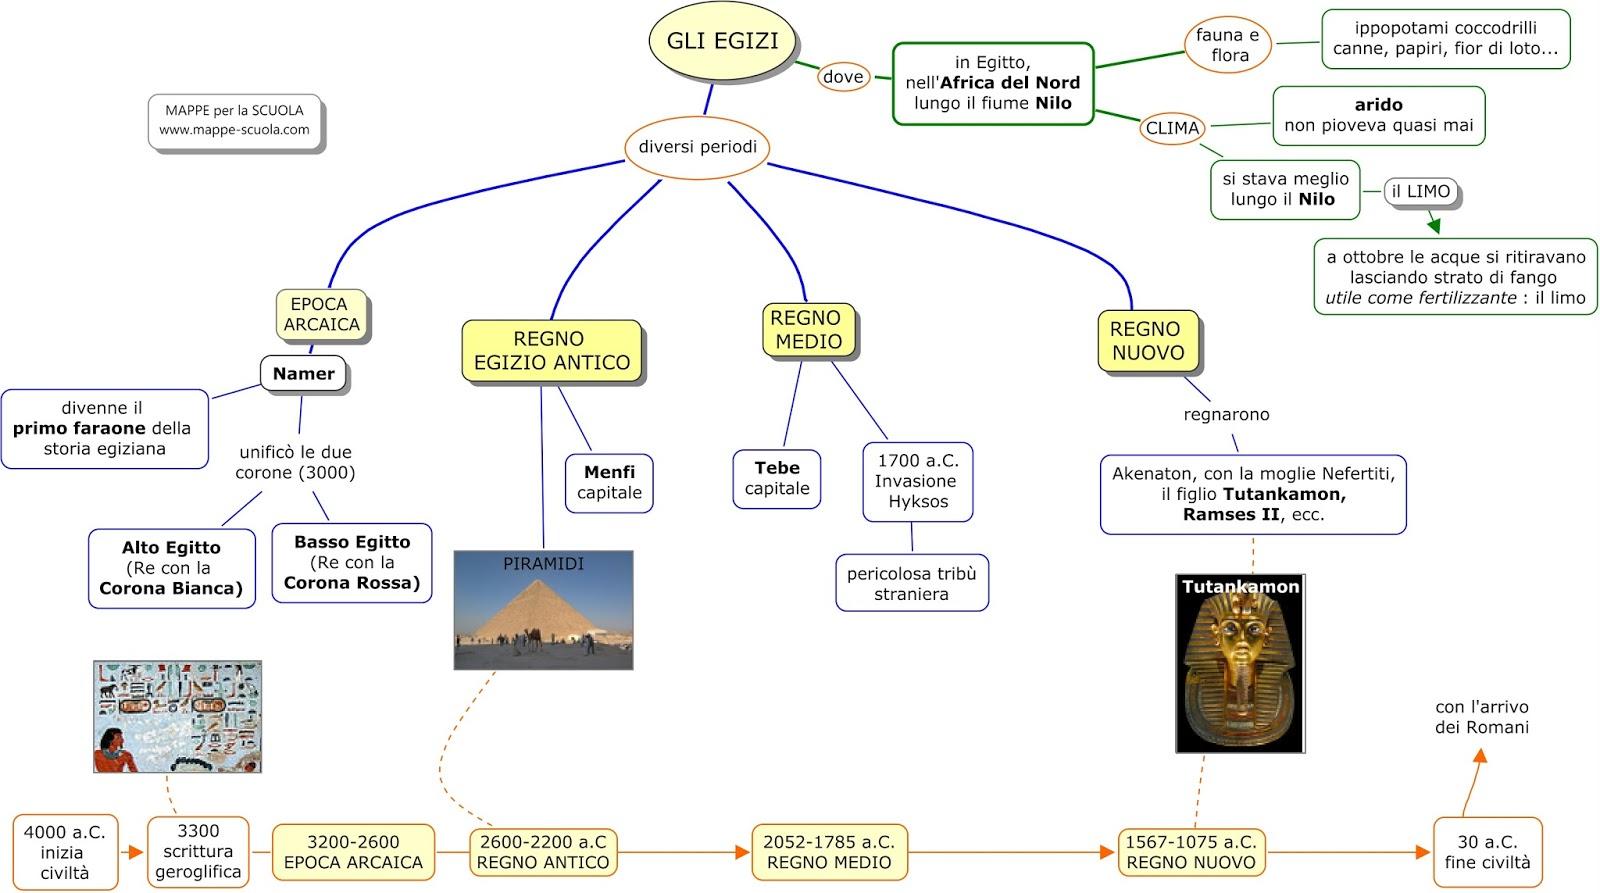 Estremamente MAPPE per la SCUOLA: GLI EGIZI KA08